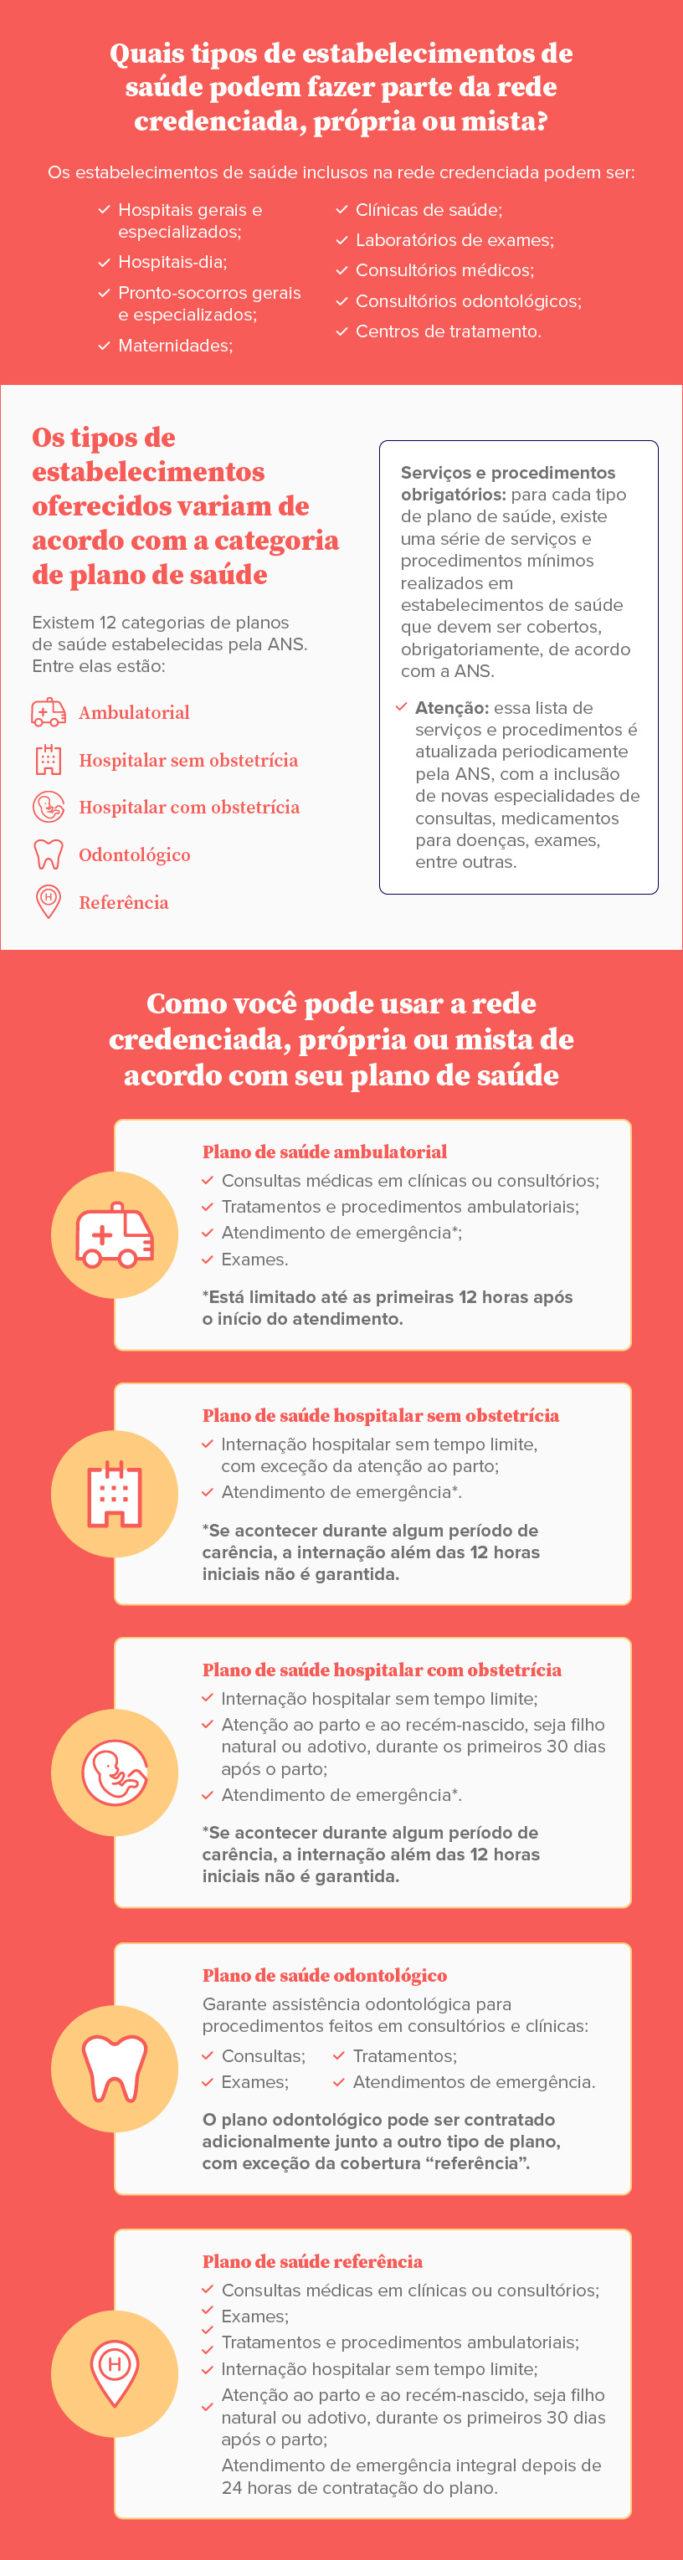 Infográfico sobre quais são os tipos de estabelecimentos podem fazer parte da rede credenciada, própria ou mista de saúde - Sami.